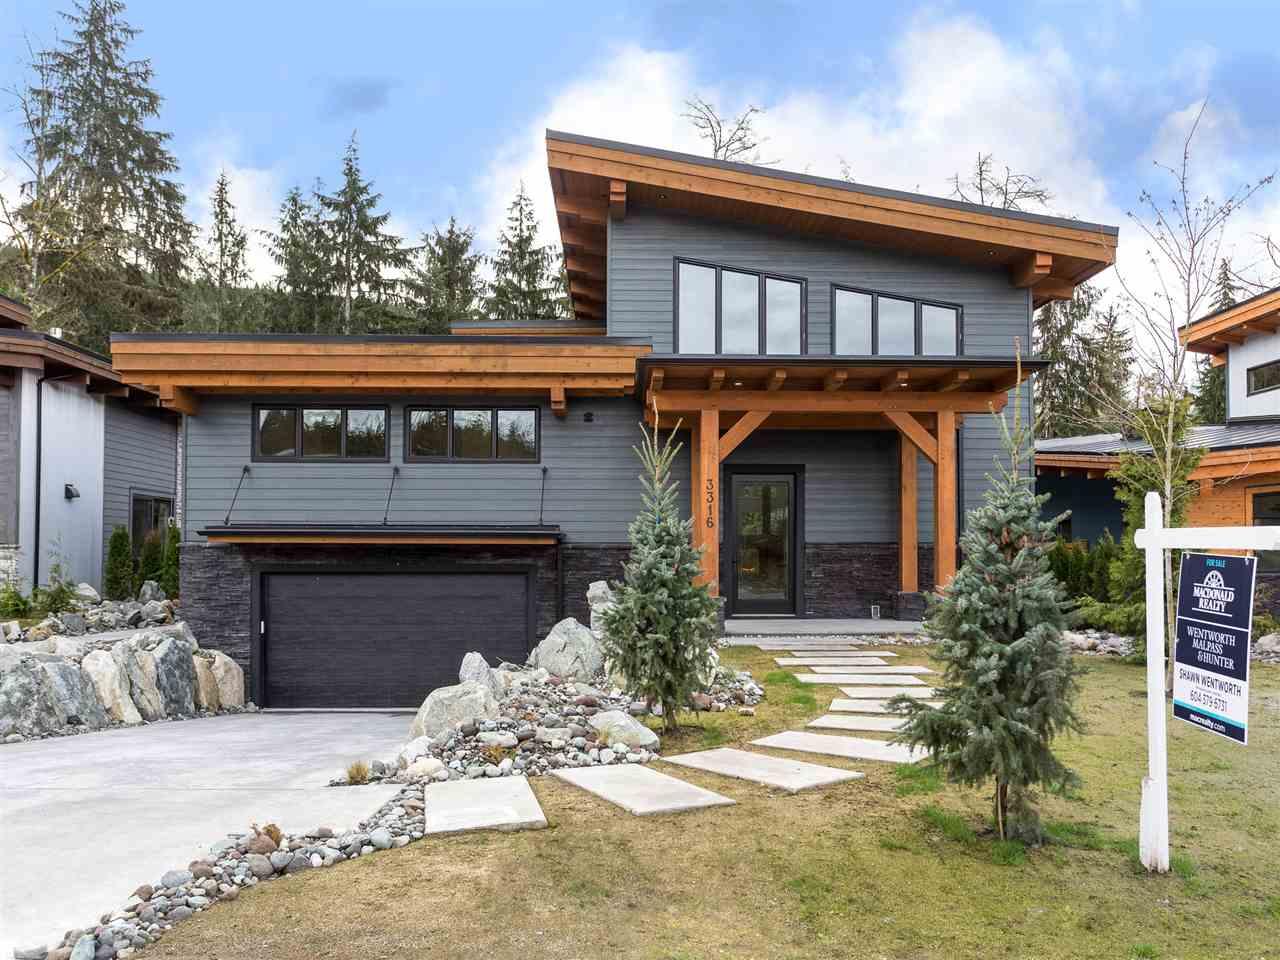 3316 MAMQUAM ROAD, Squamish, BC, V8B 0S6 Primary Photo